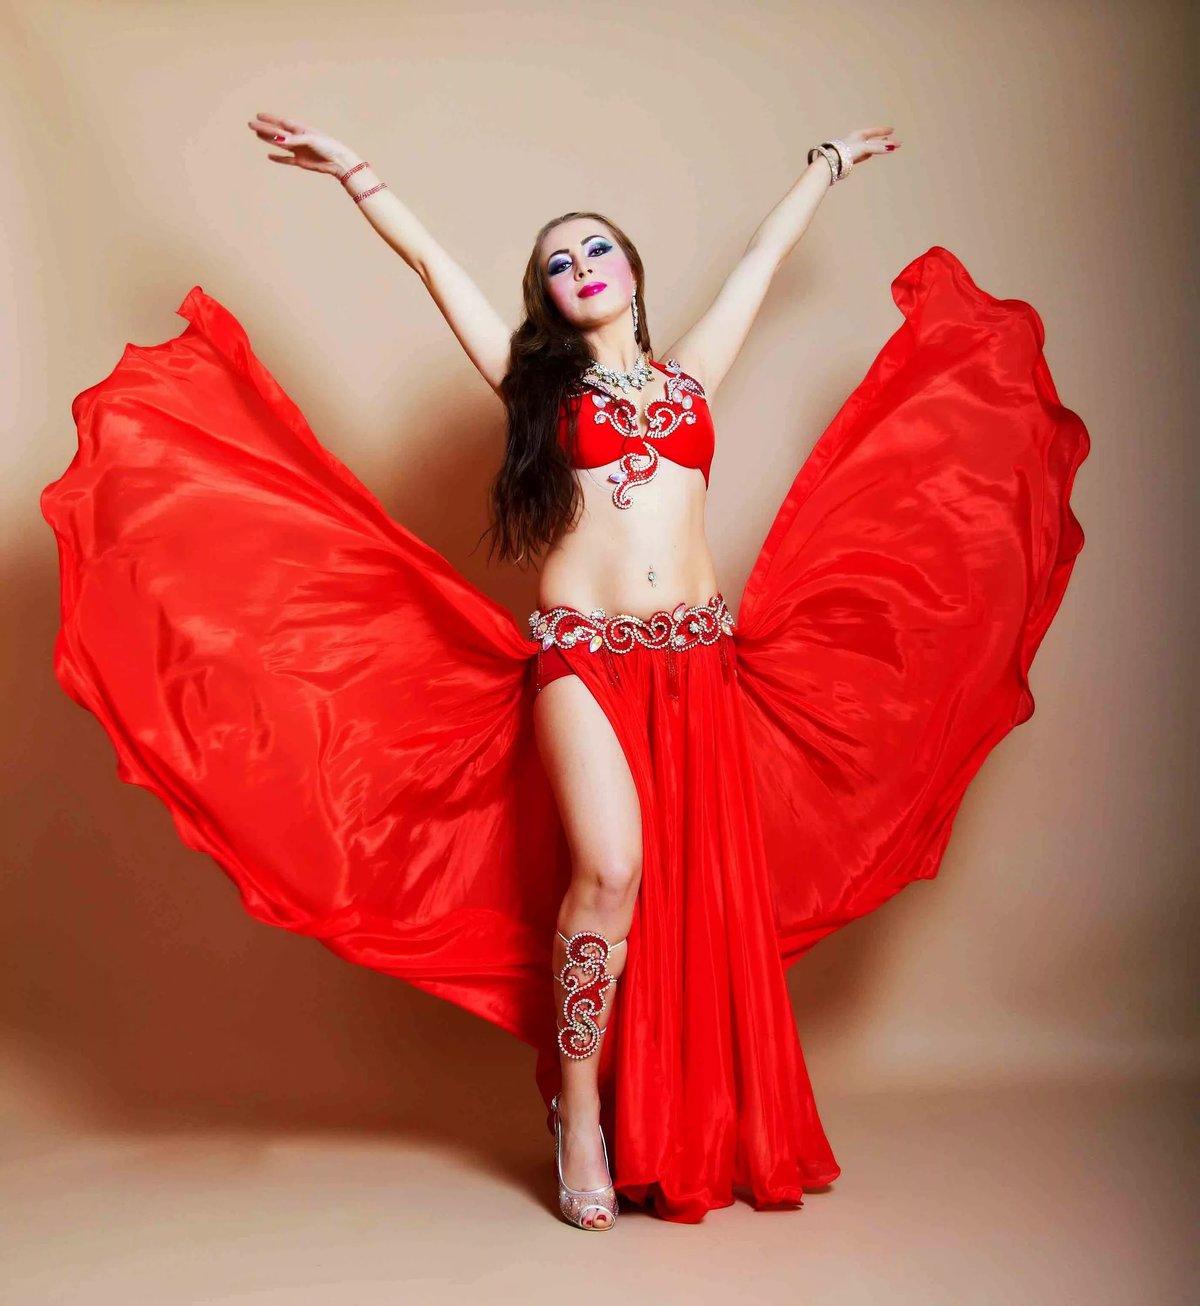 пансионат очень танцы картинка танца живота туры